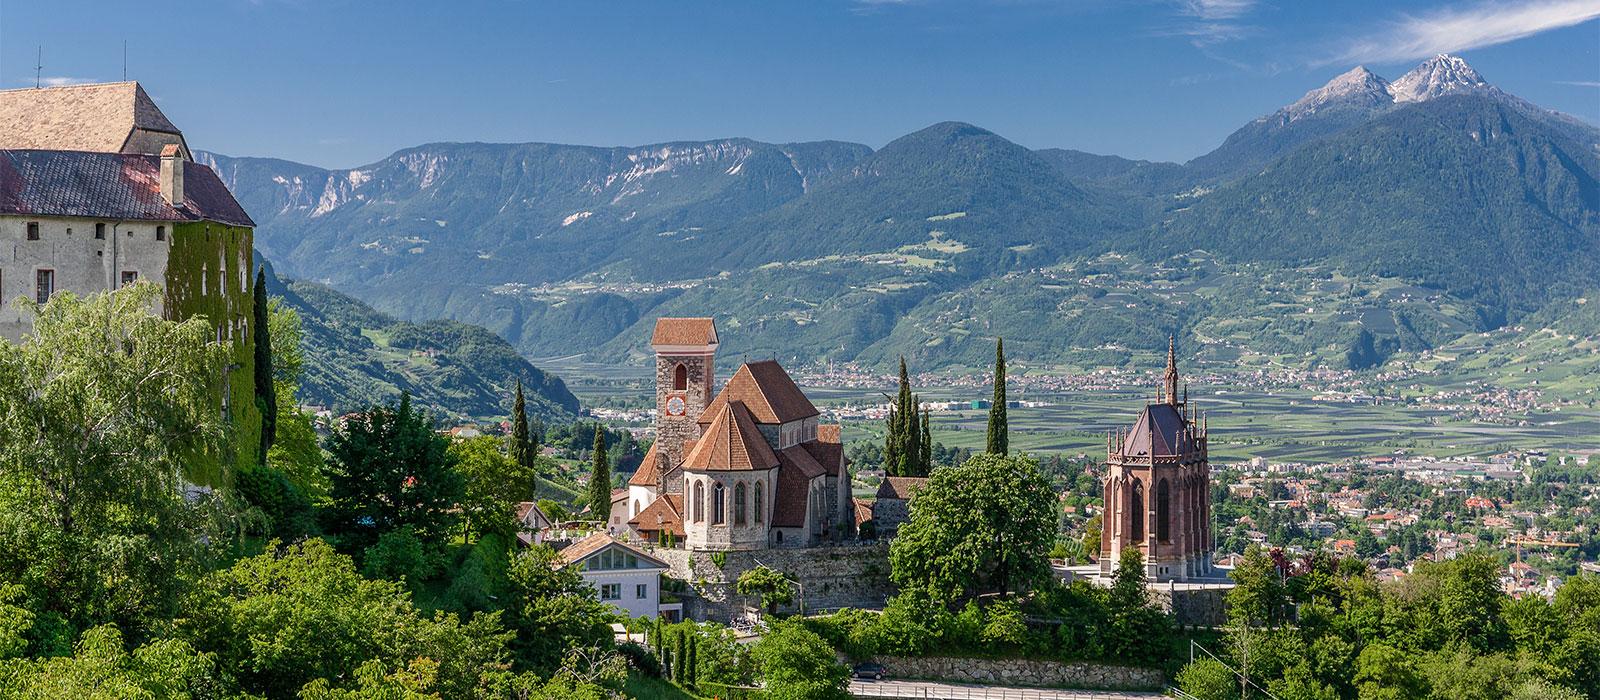 Sehenswürdigkeiten in Schenna bei Meran in Südtirol